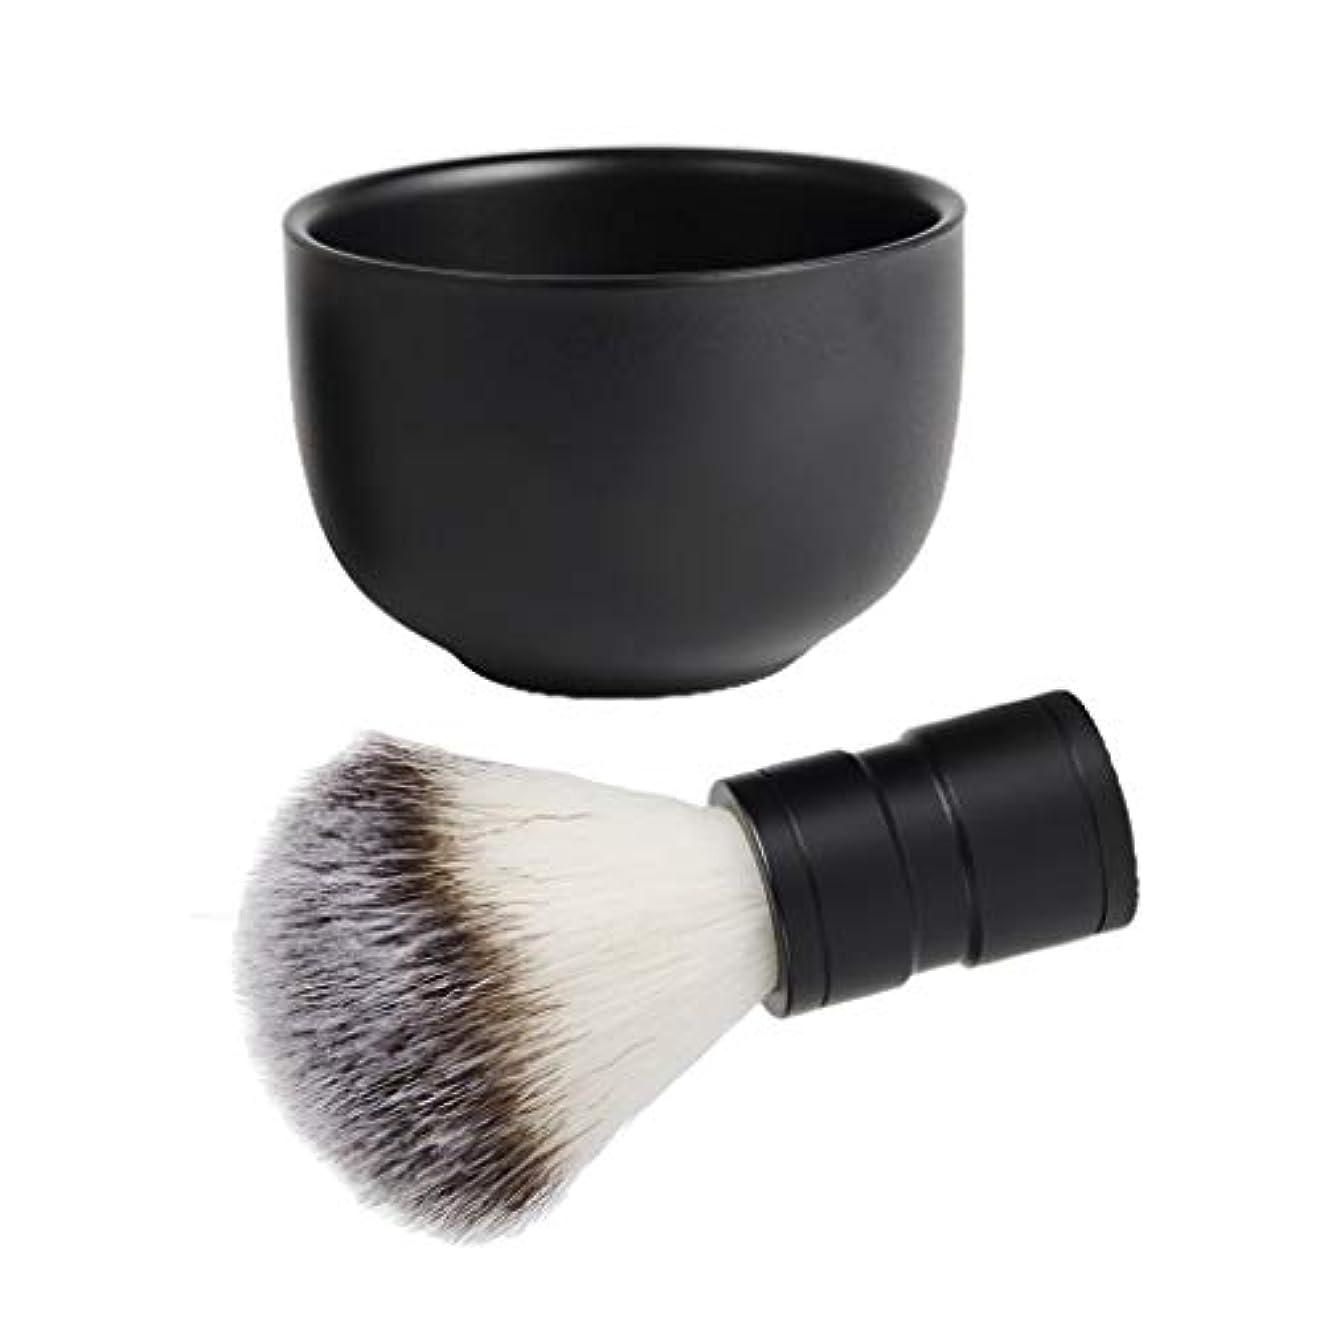 第二ドキドキ相談chiwanji シェービングカップ シェービングブラシ 石鹸ボウル 髭剃り 泡立ち メンズ ひげ剃りキット